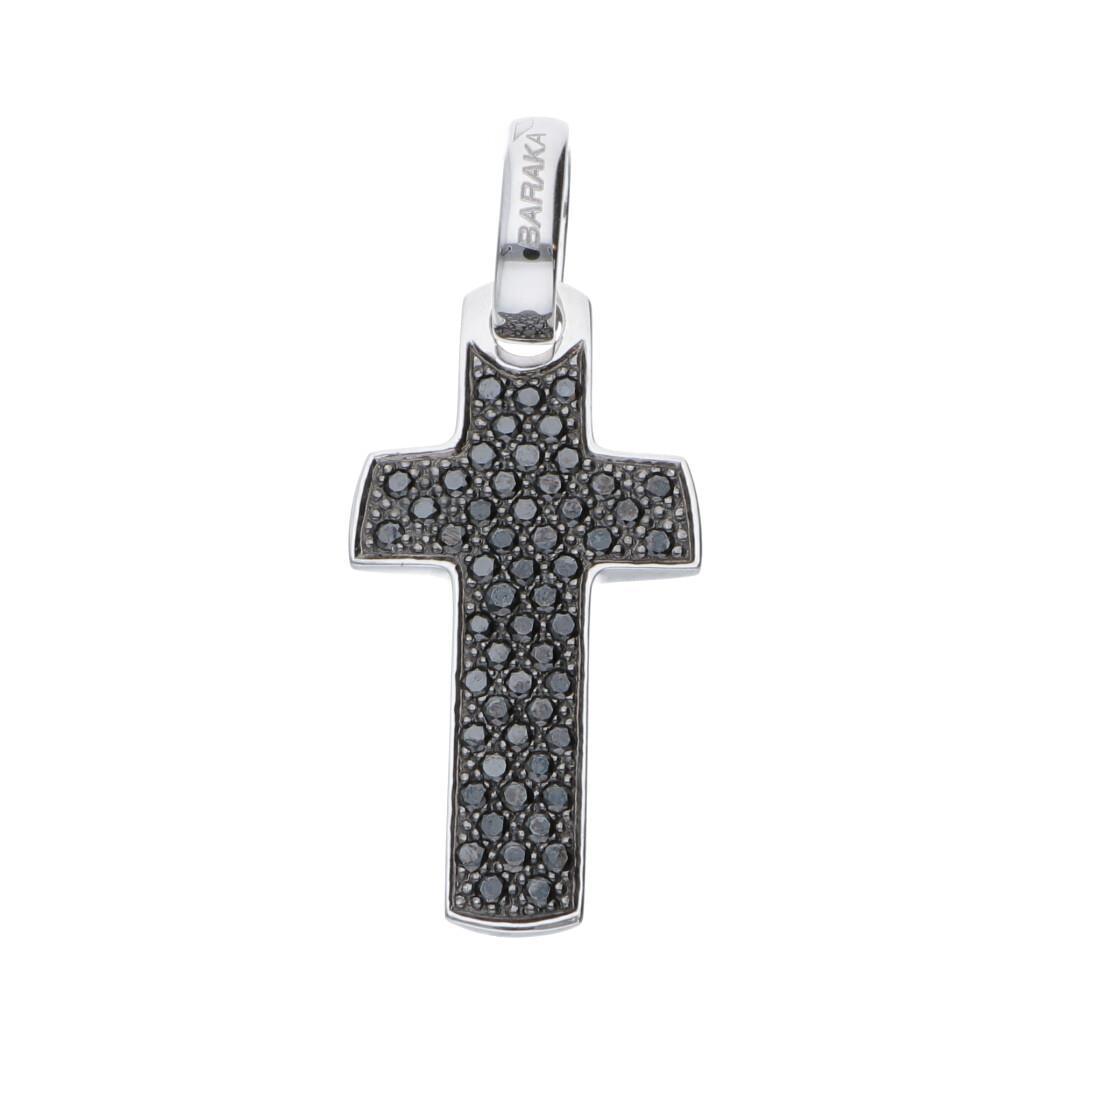 Pendente croce da uomo in oro bianco con diamanti neri ct 0.83 - BARAKA